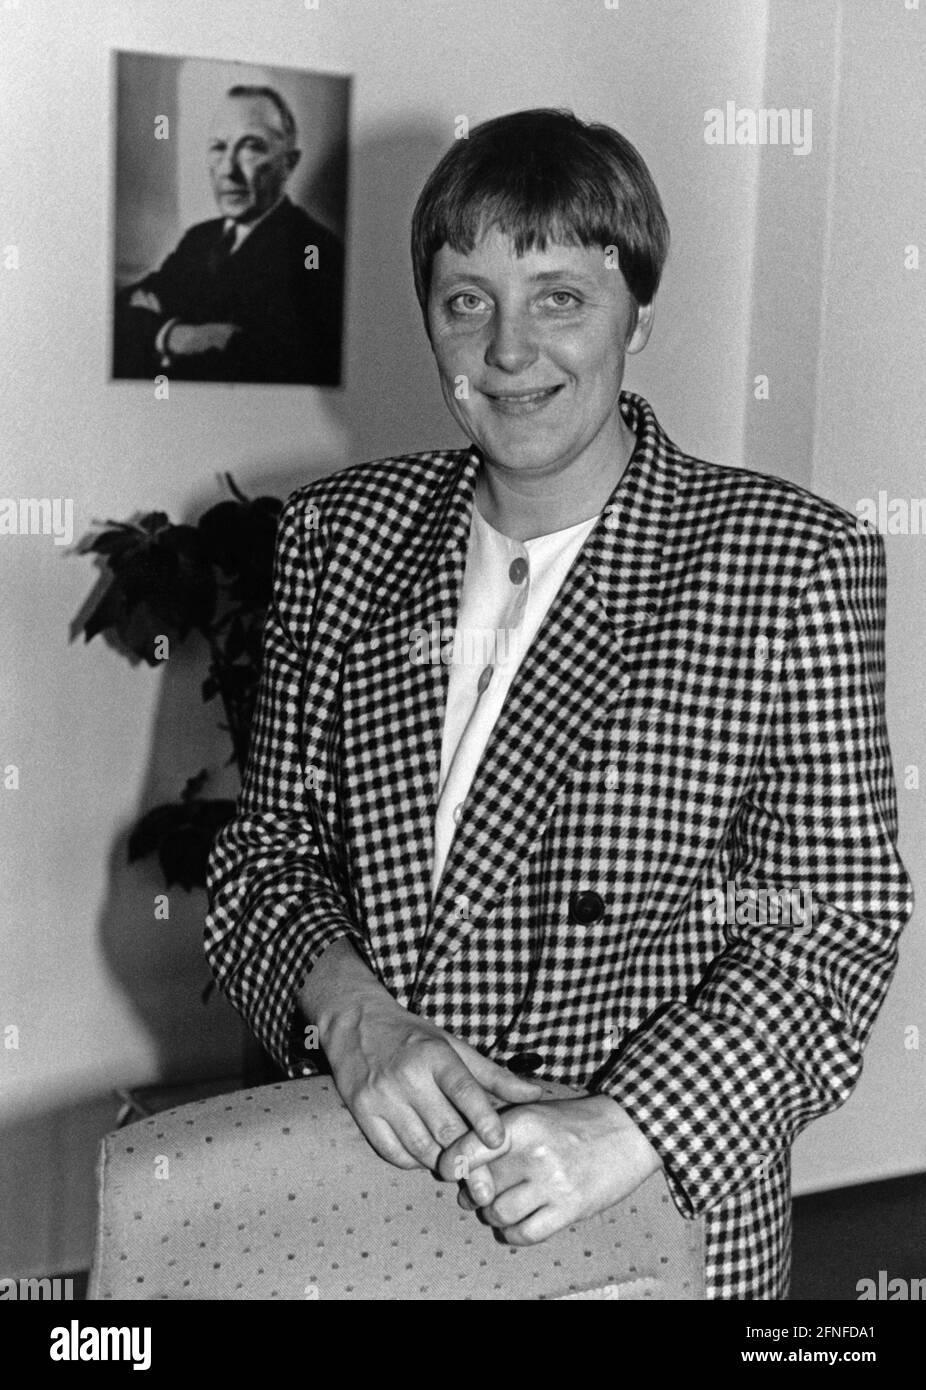 angela-merkel-ministre-federale-de-la-femme-et-de-la-jeunesse-dans-son-bureau-devant-la-photo-de-konrad-adenauer-photographie-non-datee-env-1991-traduction-automatique-2fnfda1.jpg